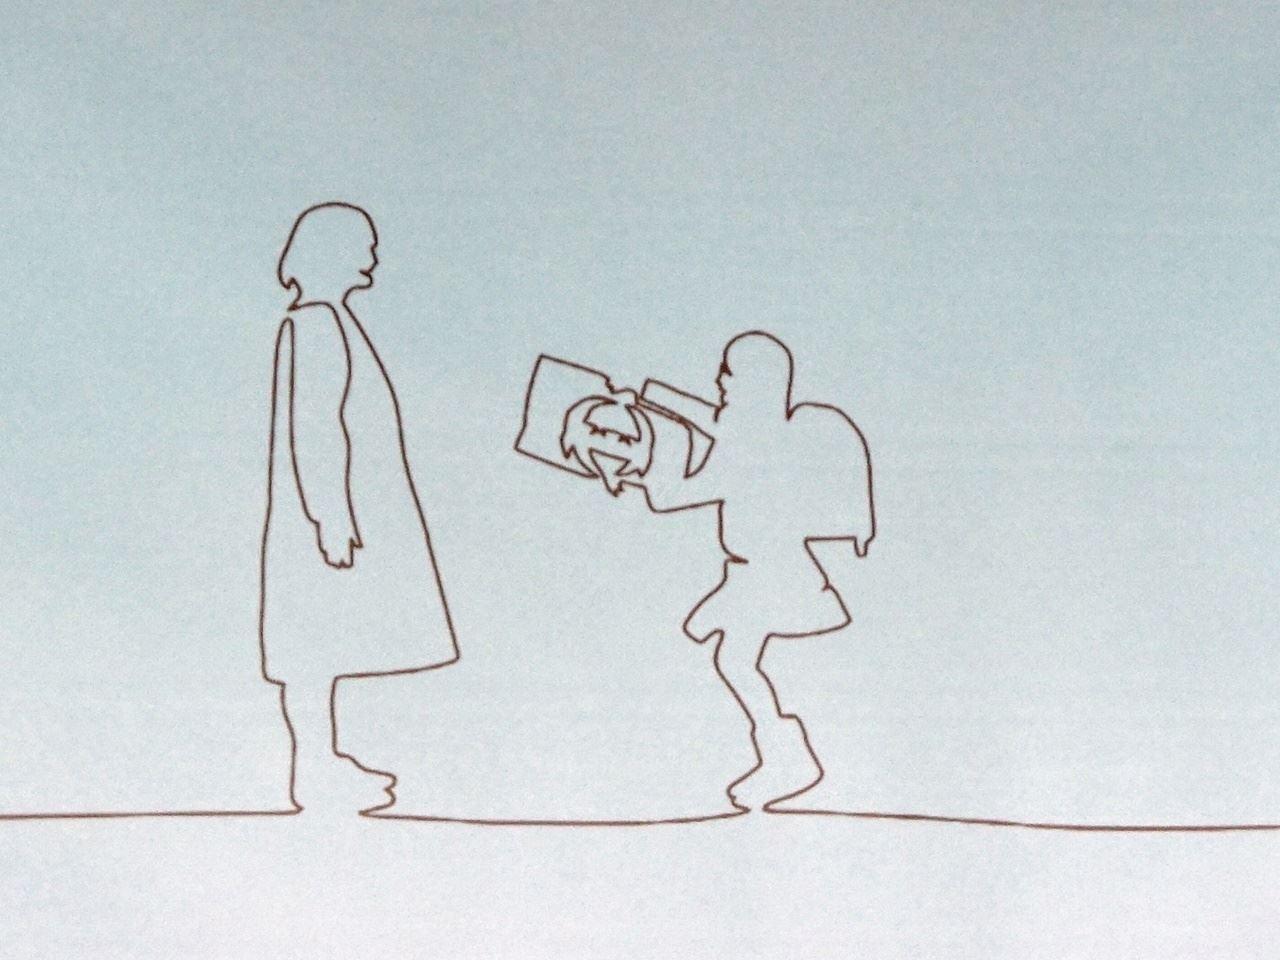 「母の日参り」シンボル・ロゴ動画